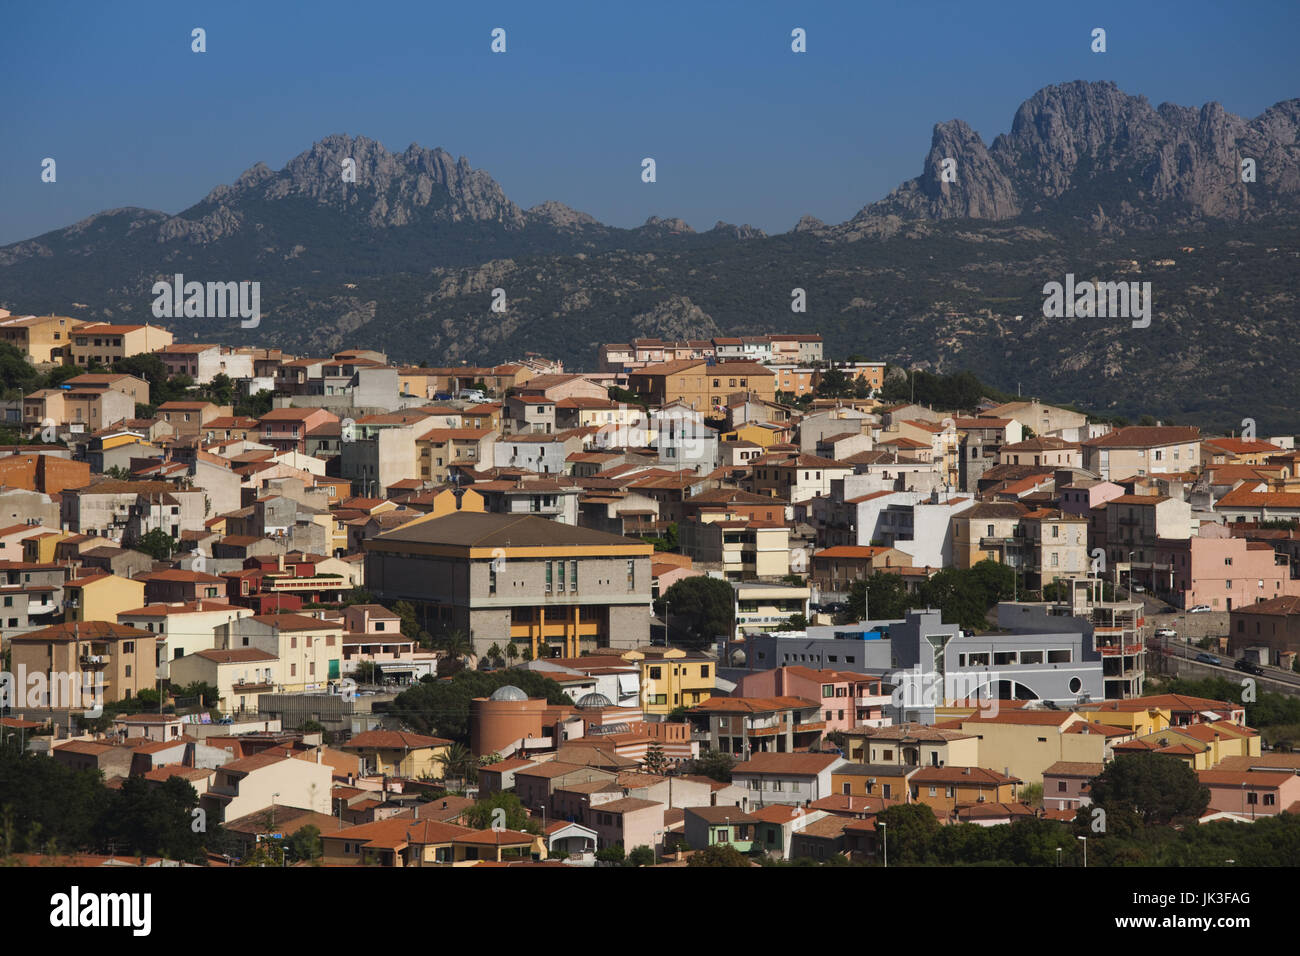 Italy, Sardinia, Northern Sardinia, Arzachena - Stock Image